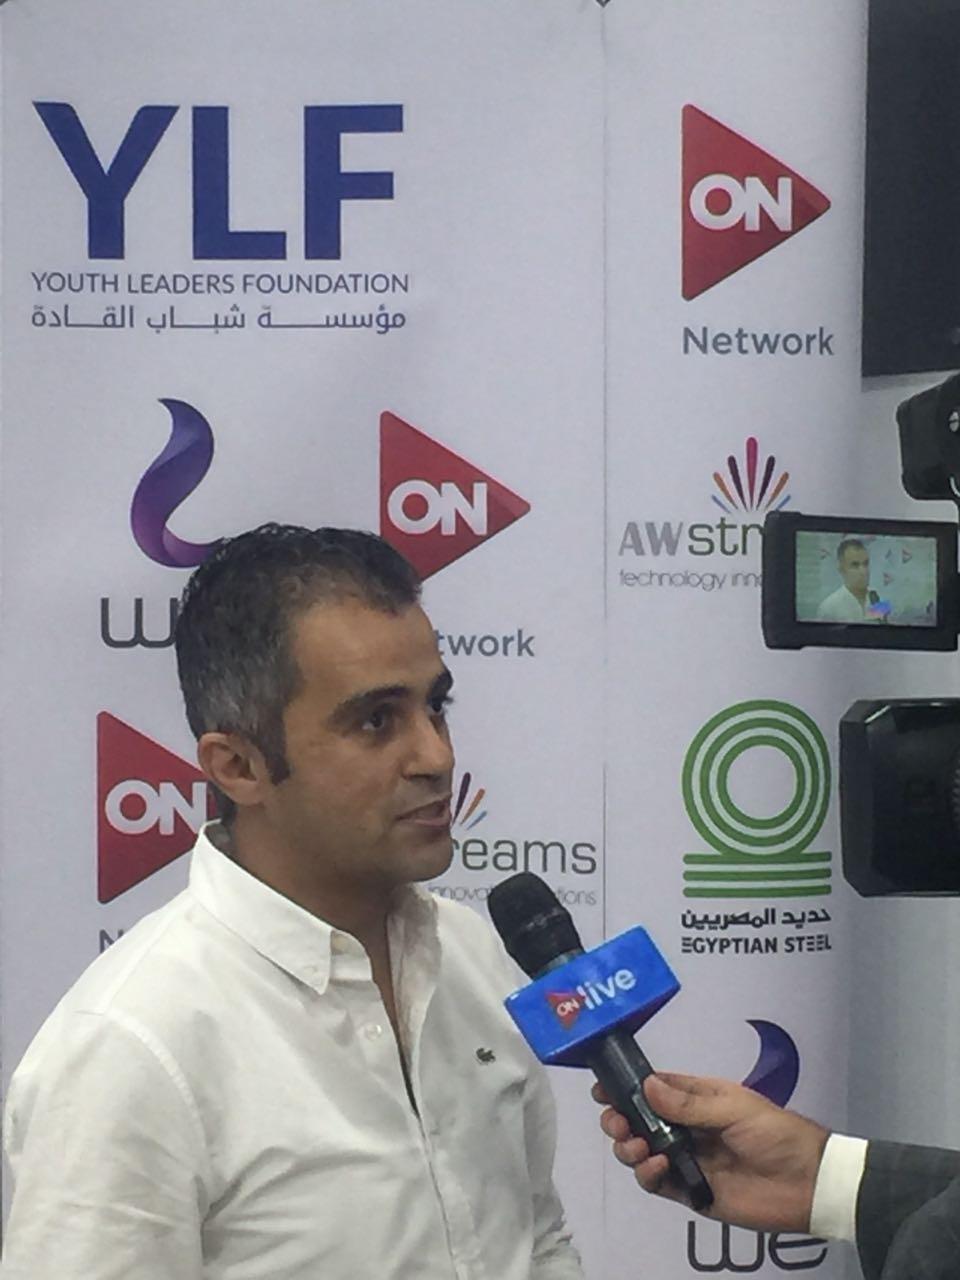 شباب القادة تنظم حفل سحورها السنوى بحضور عدد من كبار المسئولين ورجال الأعمال (5)